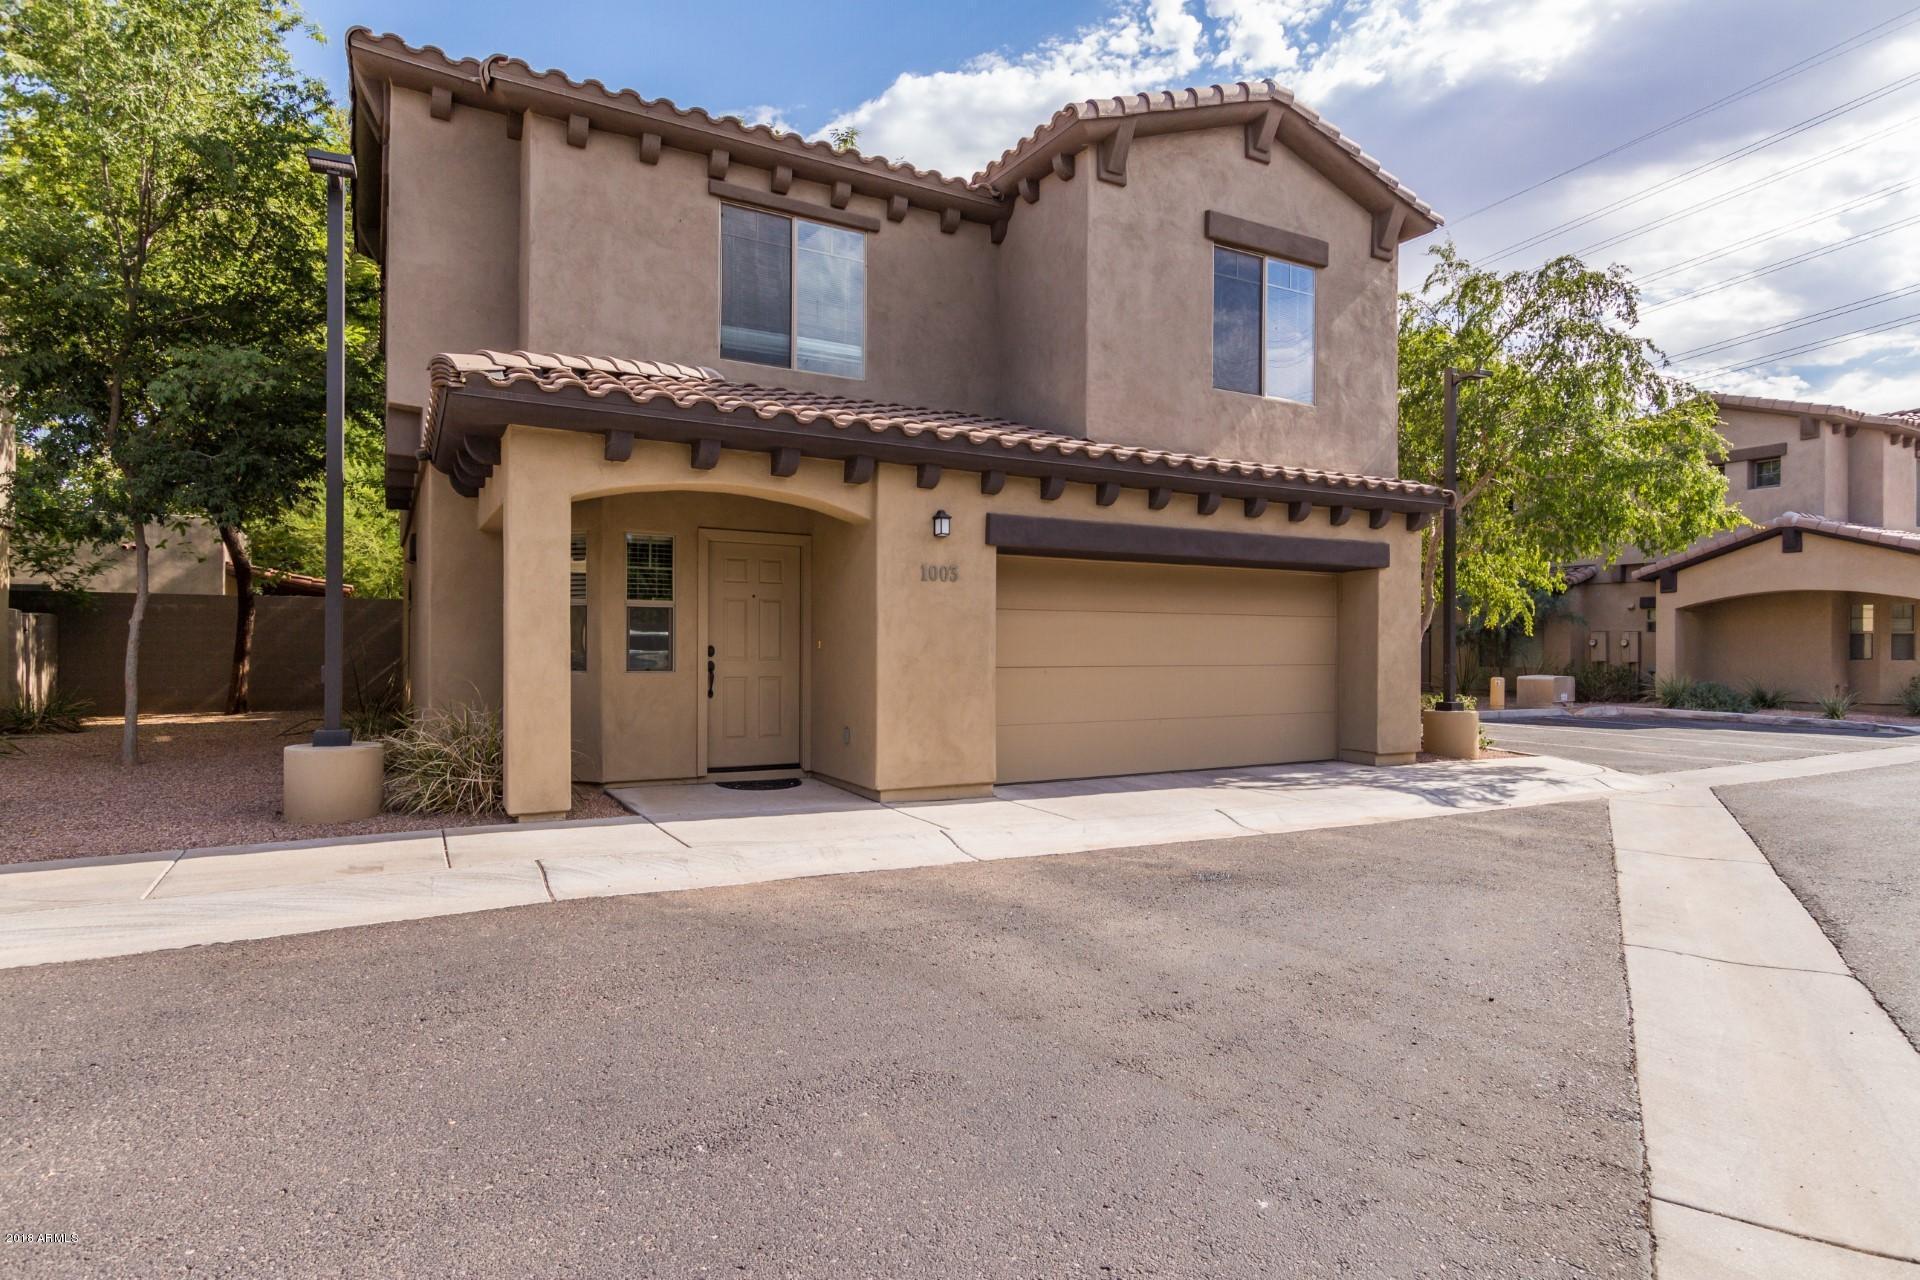 Photo of 1120 S ASH Avenue #1003, Tempe, AZ 85281